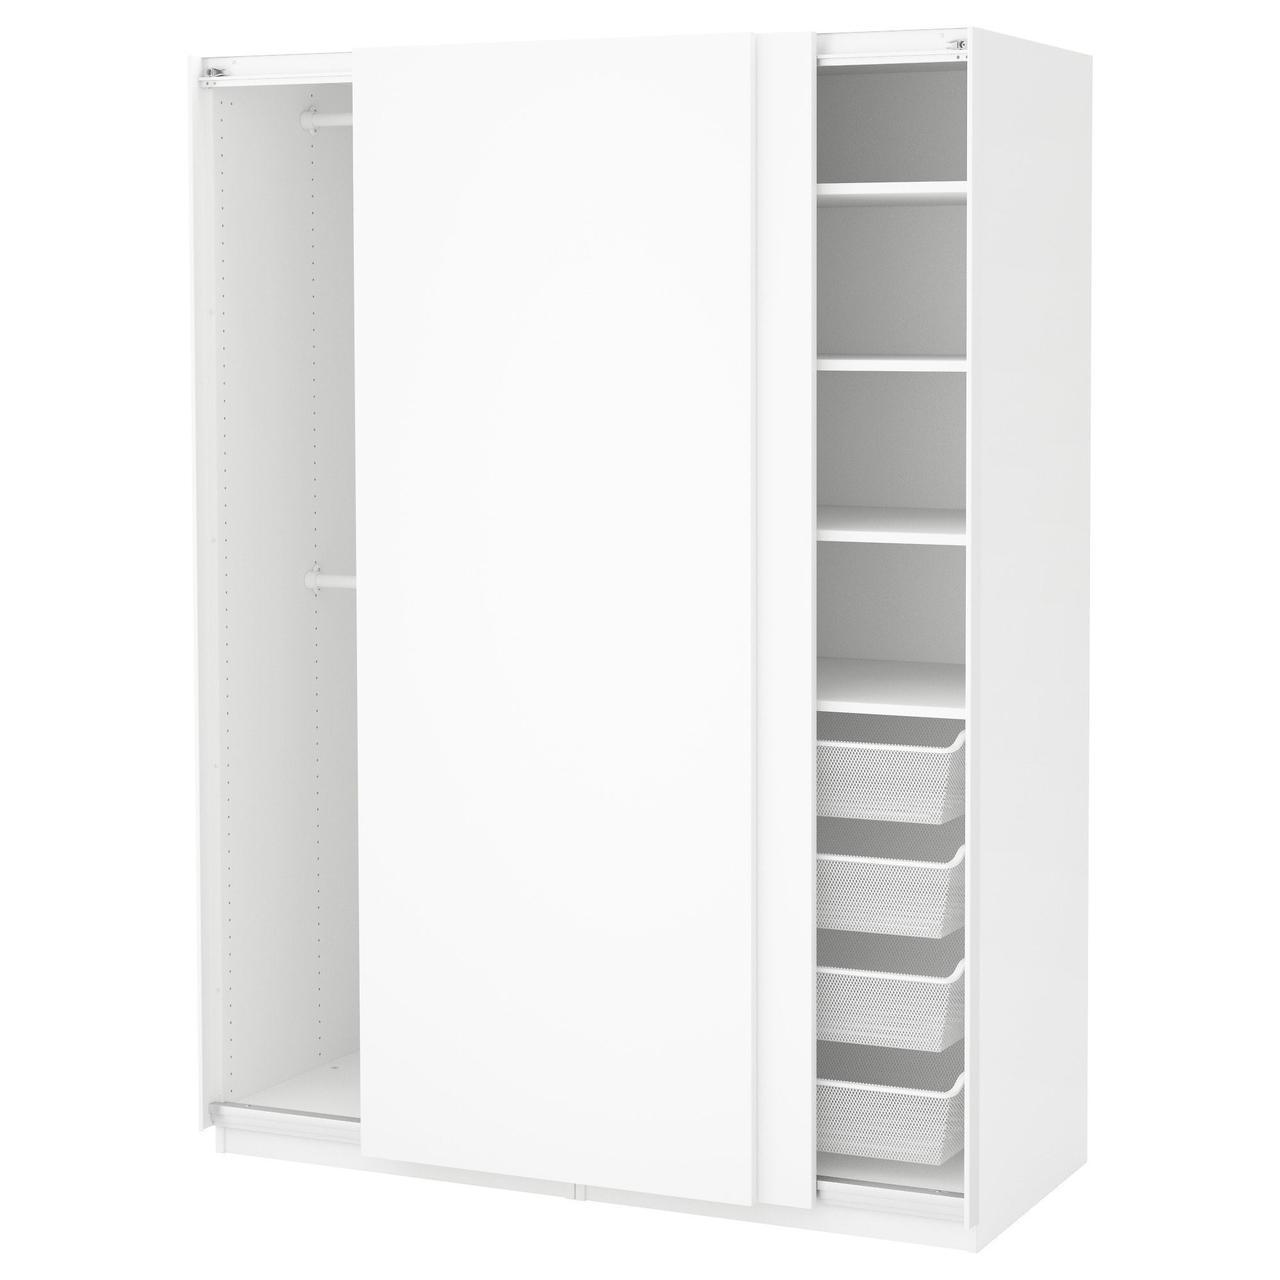 Гардероб IKEA PAX белый Хасвик белый 150x66x201 см 091.805.77